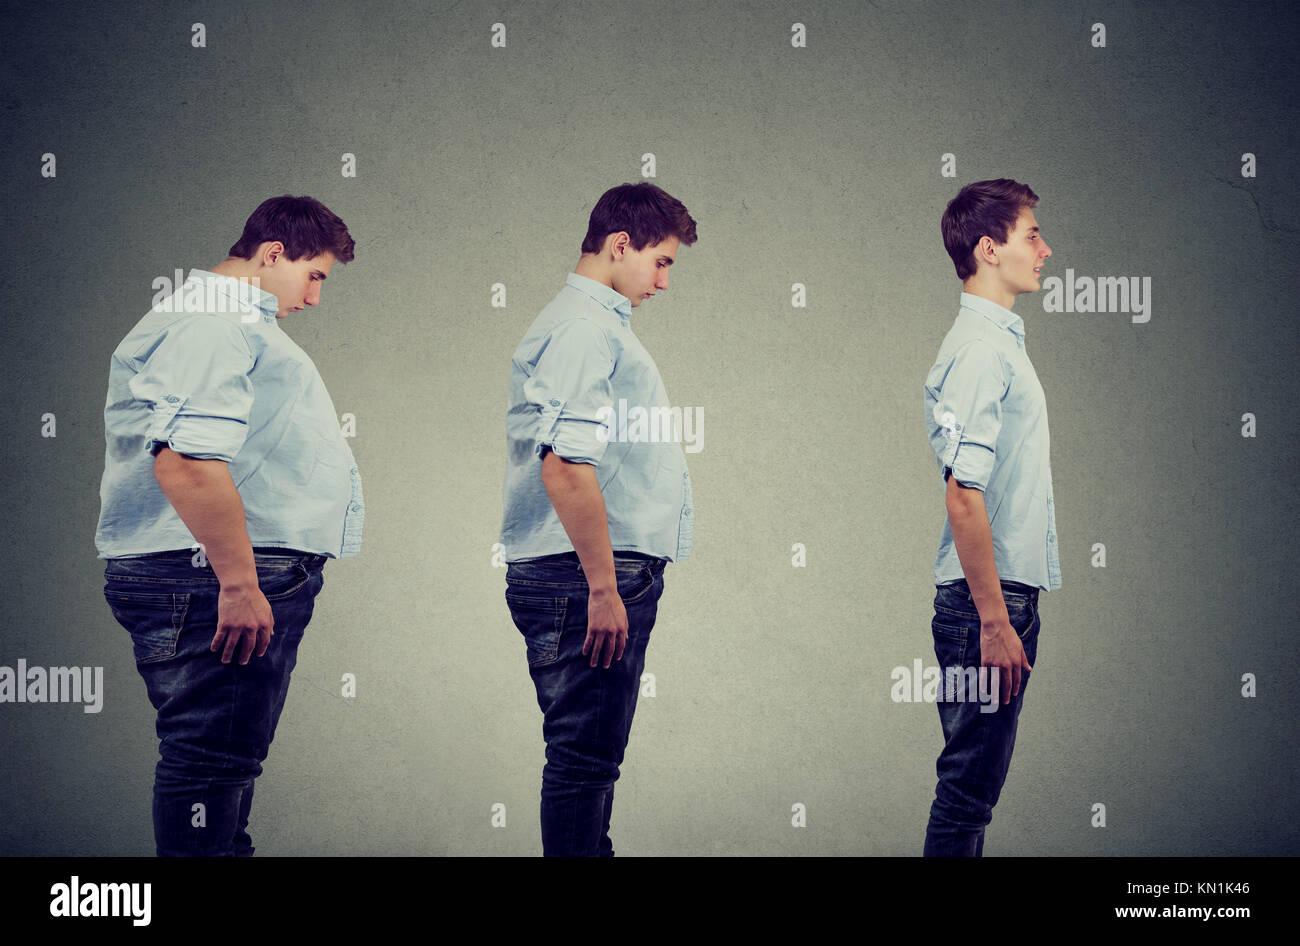 El perfil lateral de un joven hombre gordito transformación en una persona feliz slim Imagen De Stock